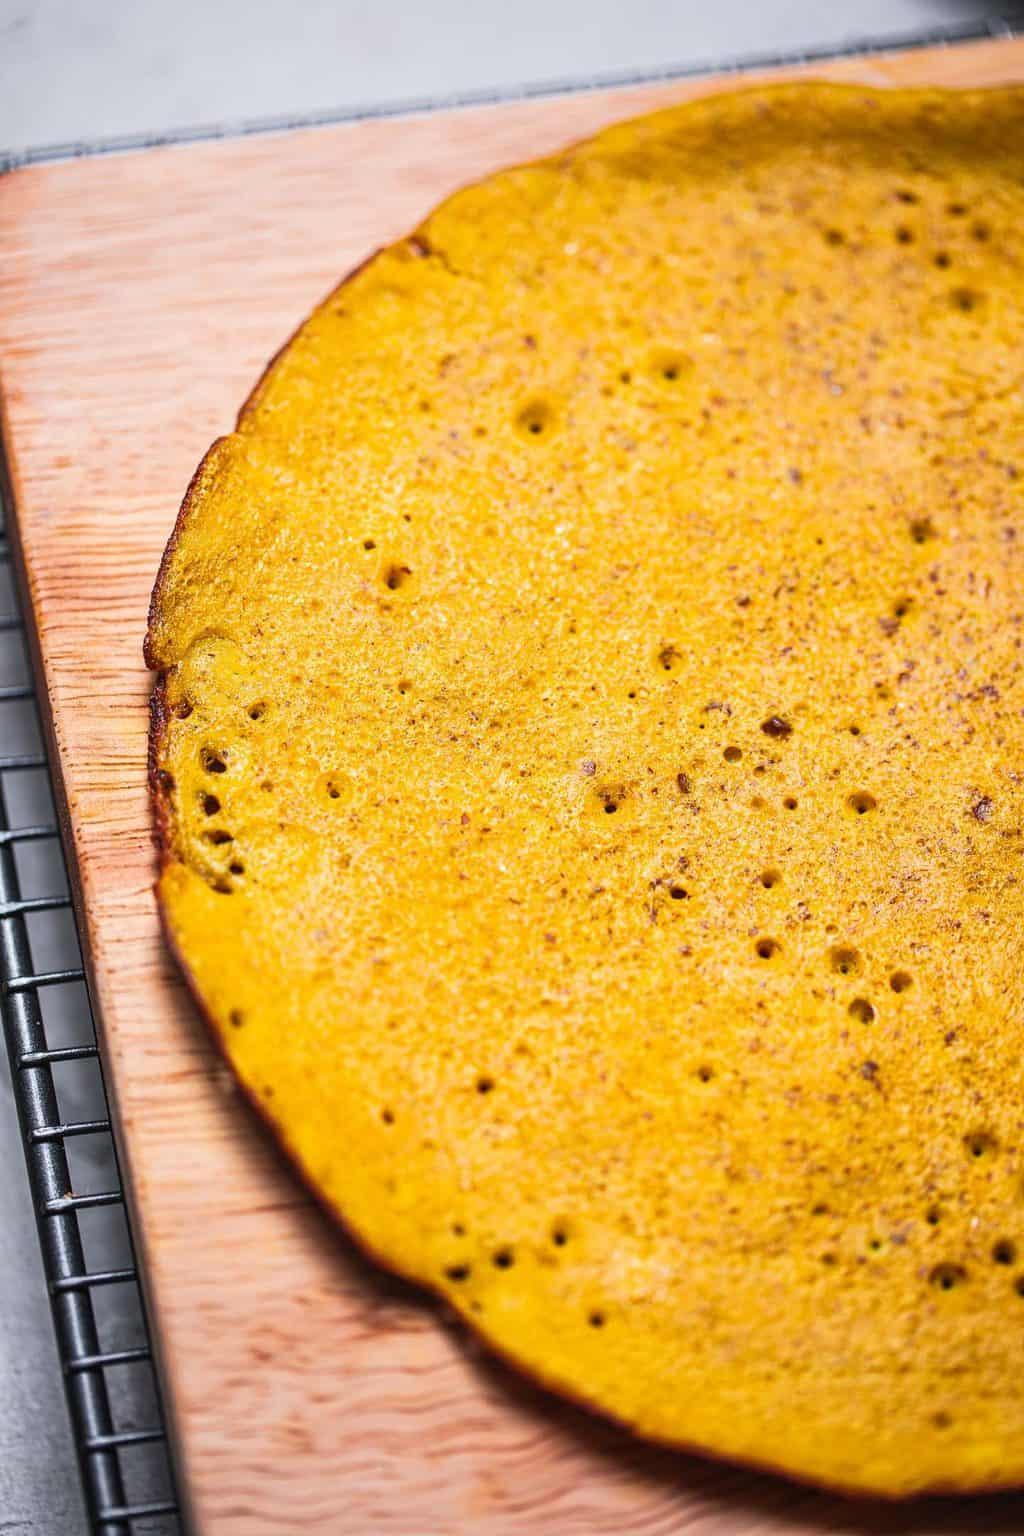 Vegan omelette made from chickpea flour